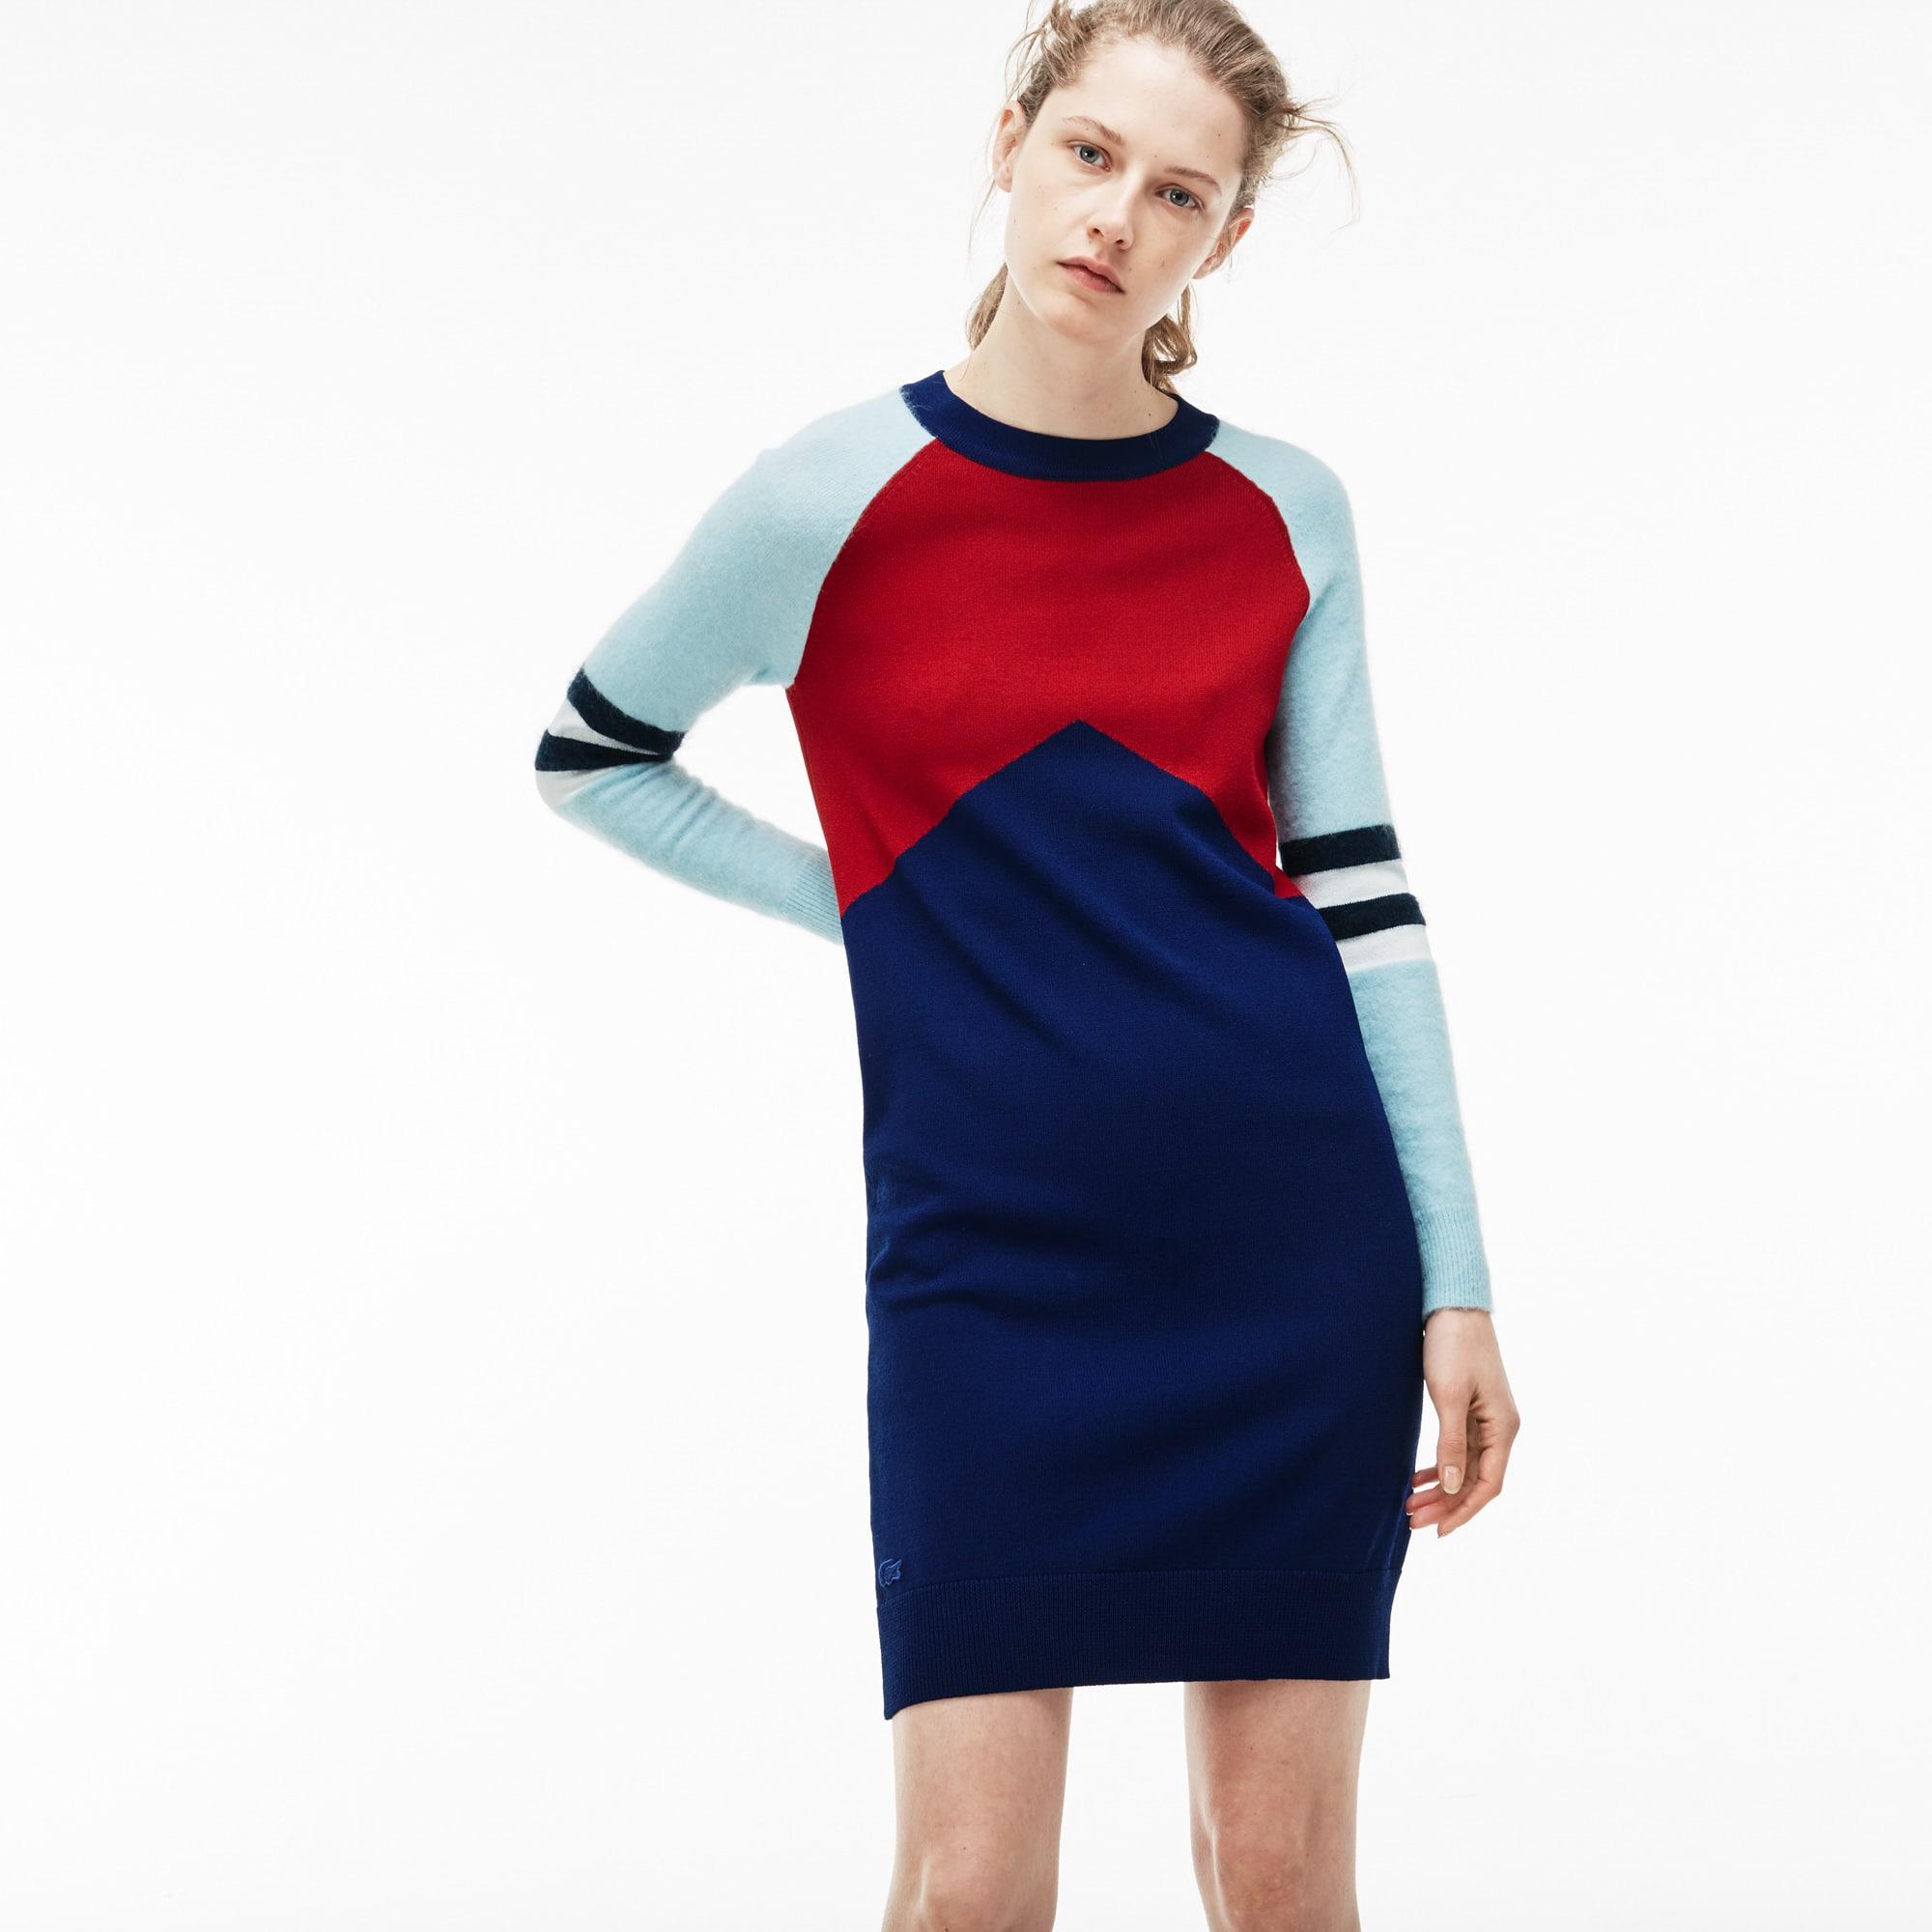 Women's Stretch Wool Jersey Colorblock Sweater Dress